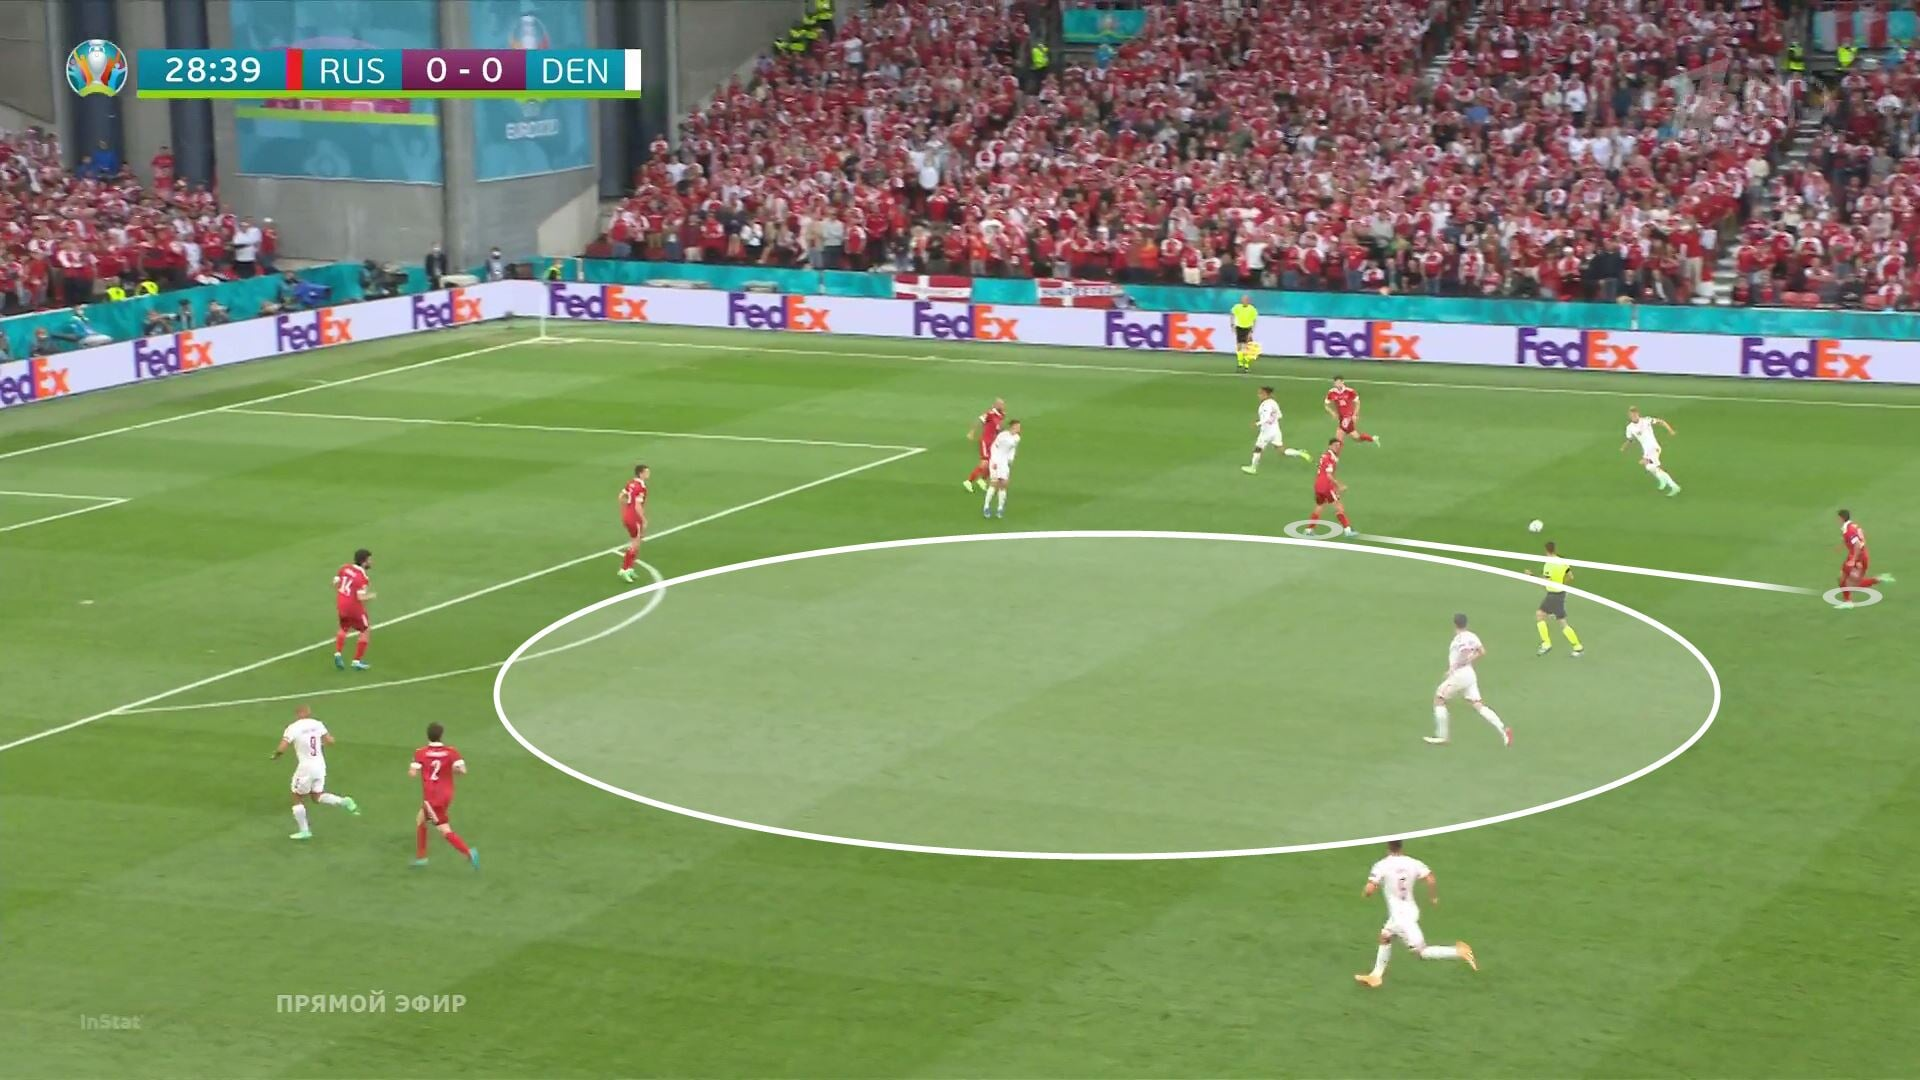 Россия снова вышла играть на 0:0 – это путь в никуда. Черчесова наказали за одномерный стиль